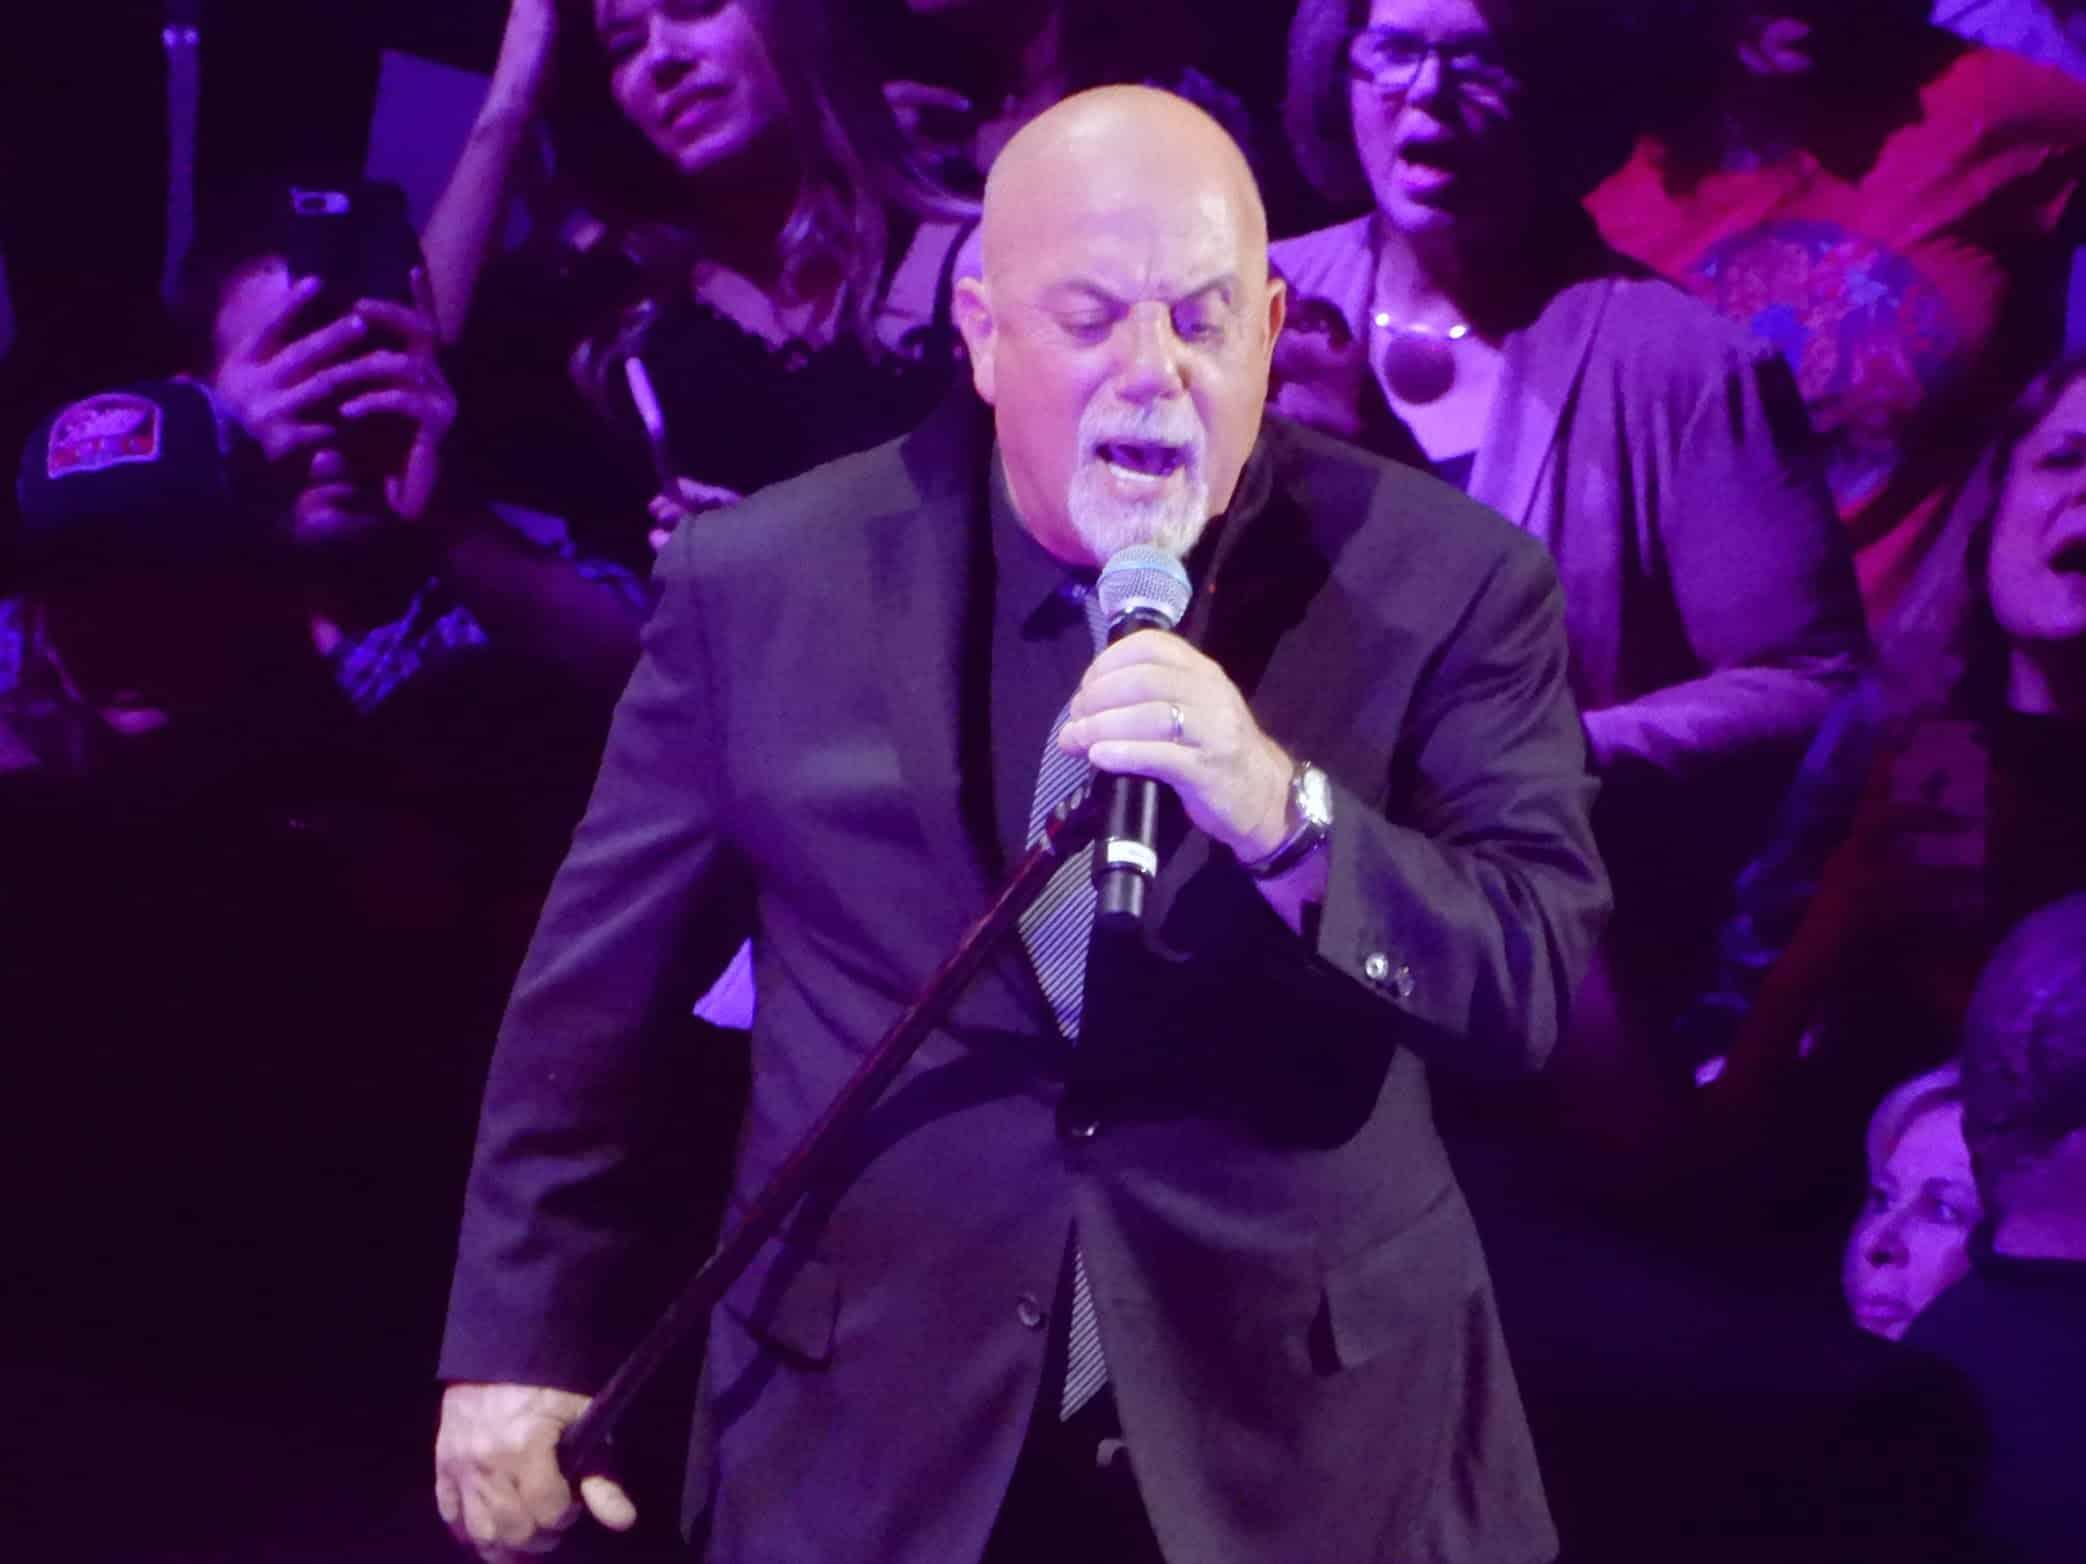 Billy Joel performing at the Nassau Veterans Memorial Coliseum